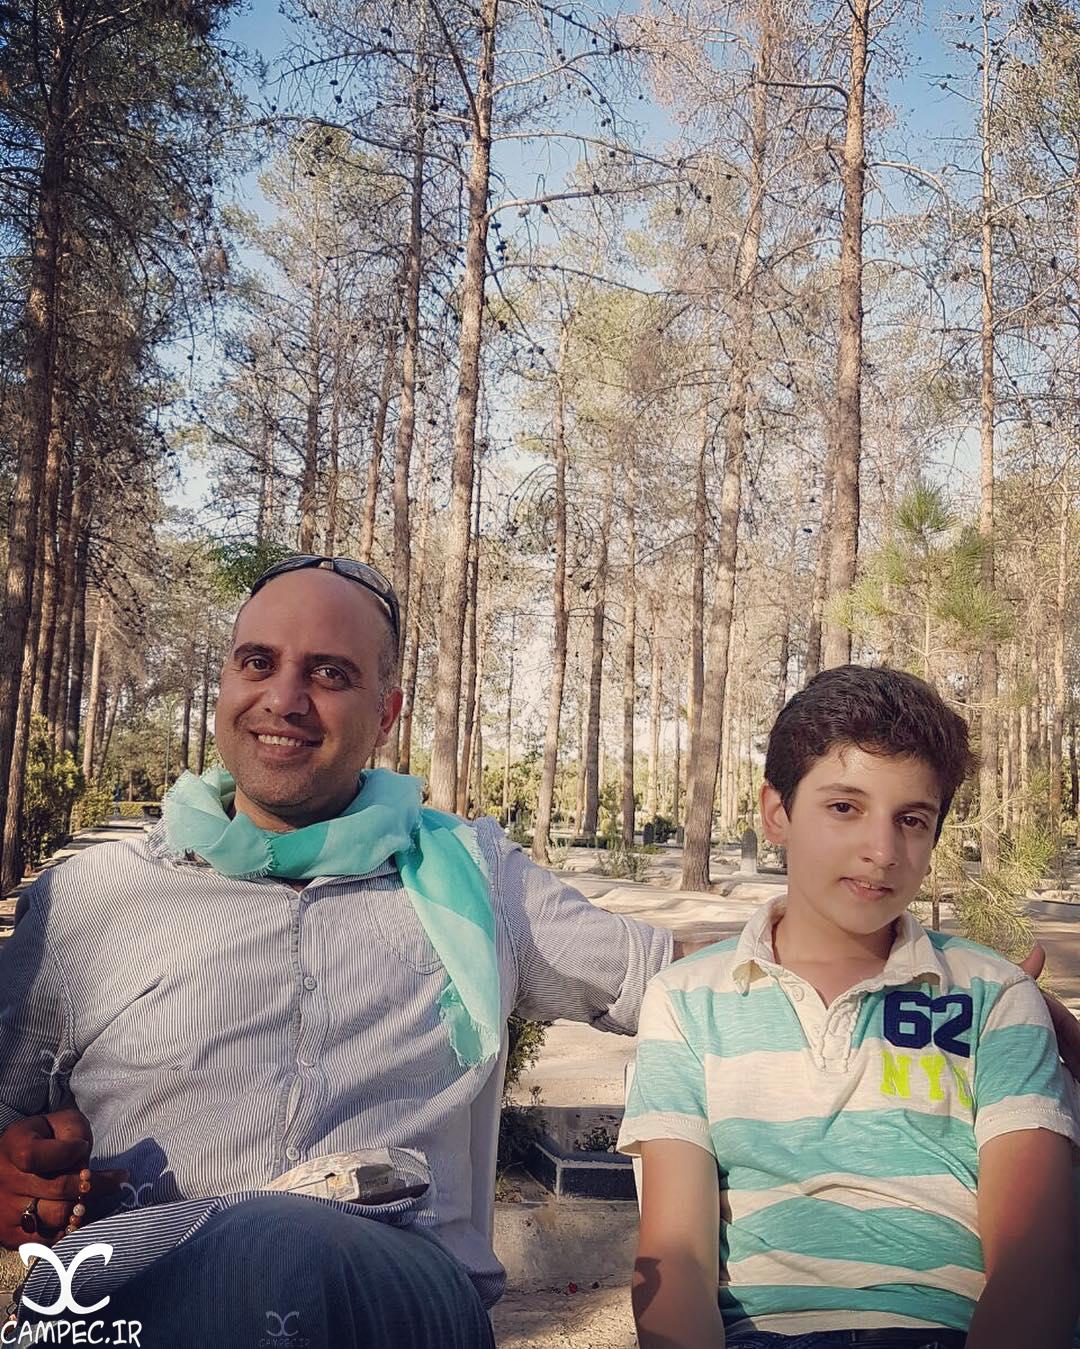 شهرام شاه حسینی با پسرش